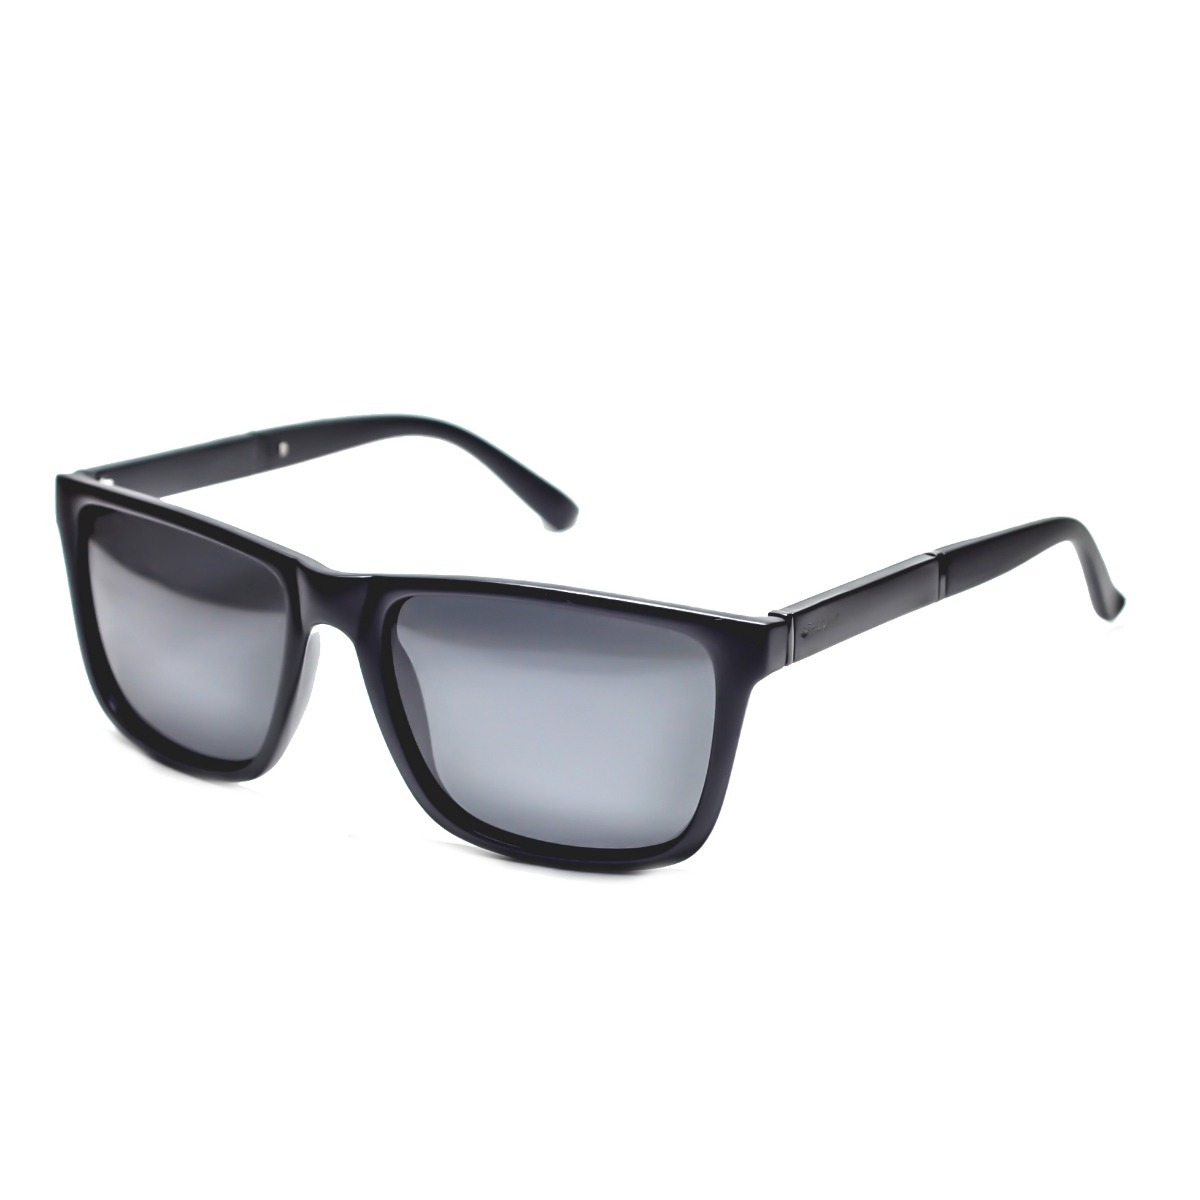 0f858c84b oculos de sol preto unisex quadrado esportivo lente g15. Carregando zoom.